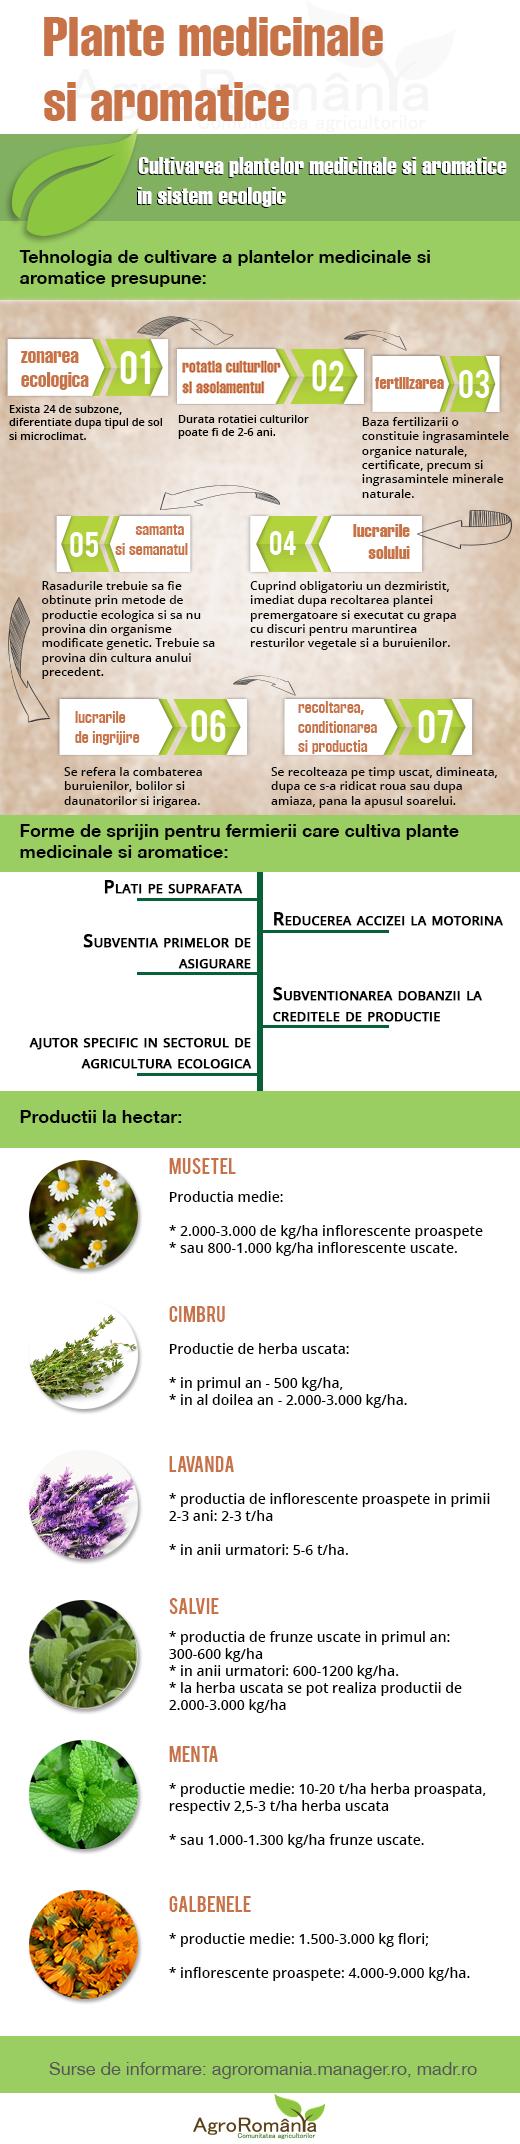 tehnologia de cultivare a plantelor medicinale si aromatice in sistem ecologic